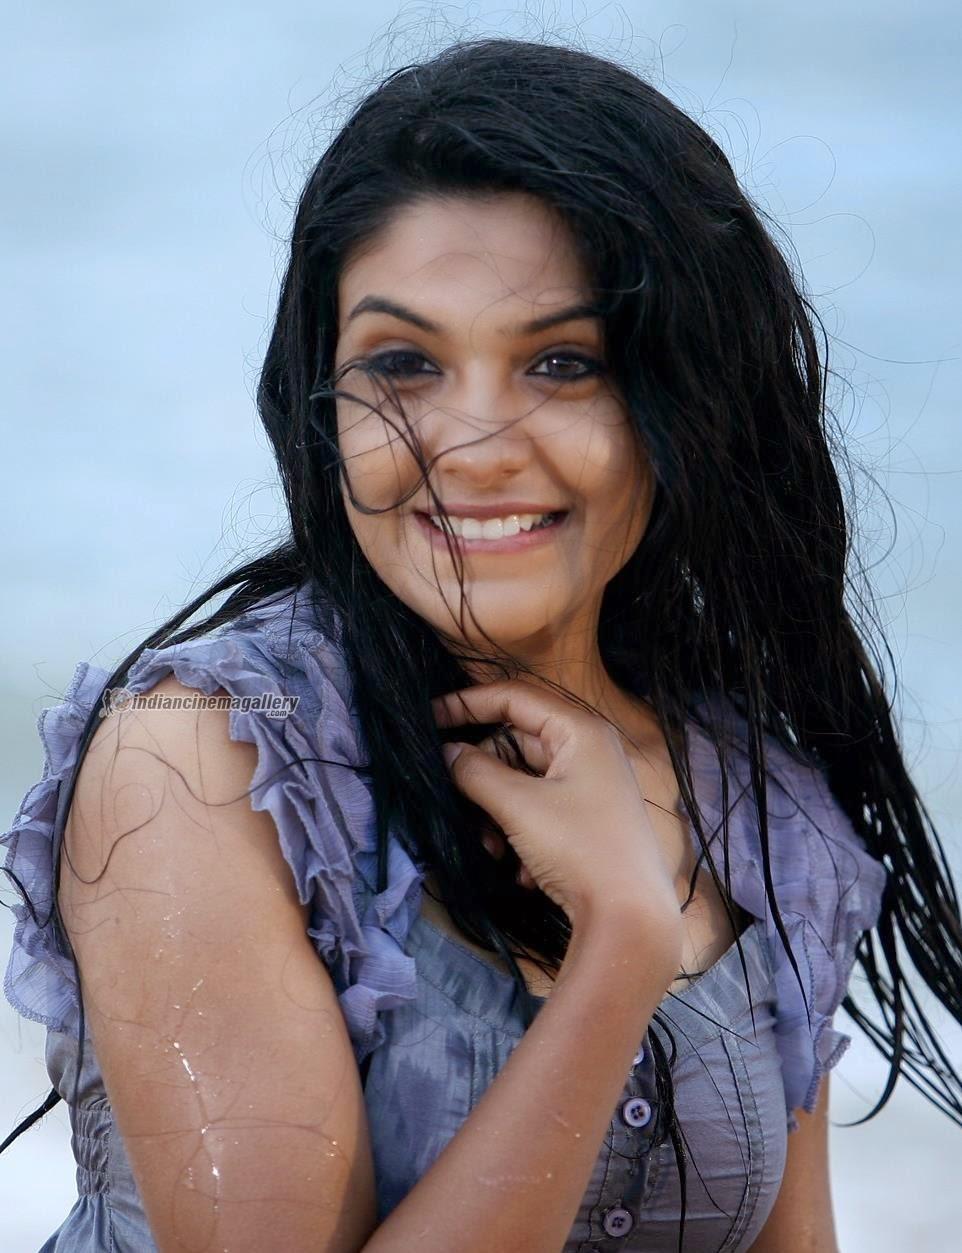 archana kavi latest hot photos f kerala hot actress